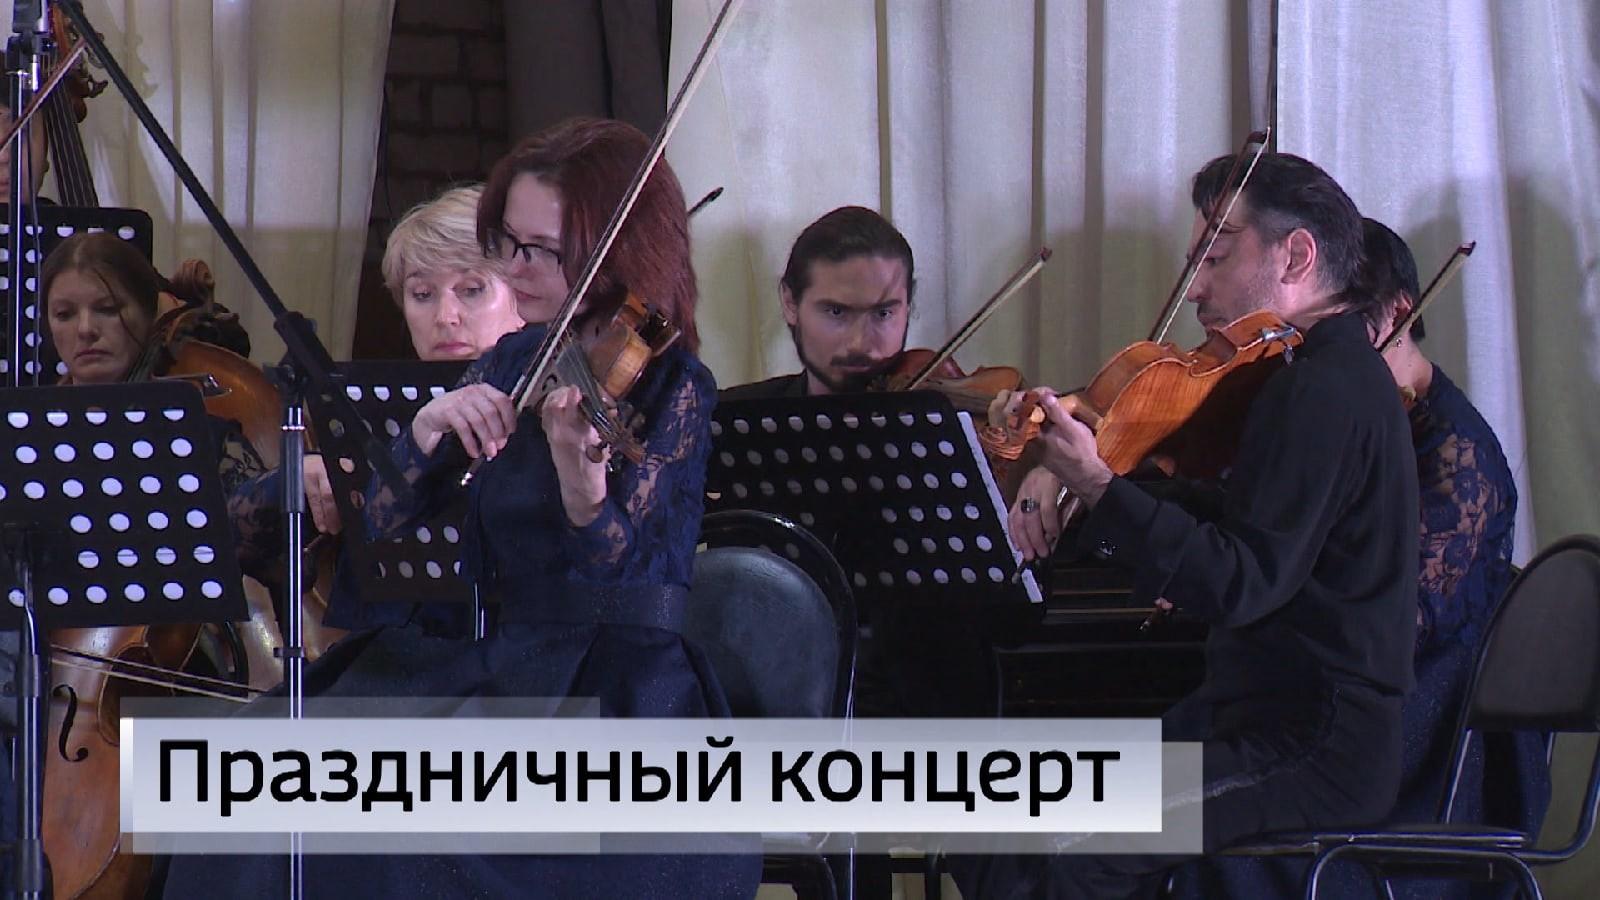 Сегодня состоялся гала-концерт Фестиваля национальной музыки имени Петра Чонкушова